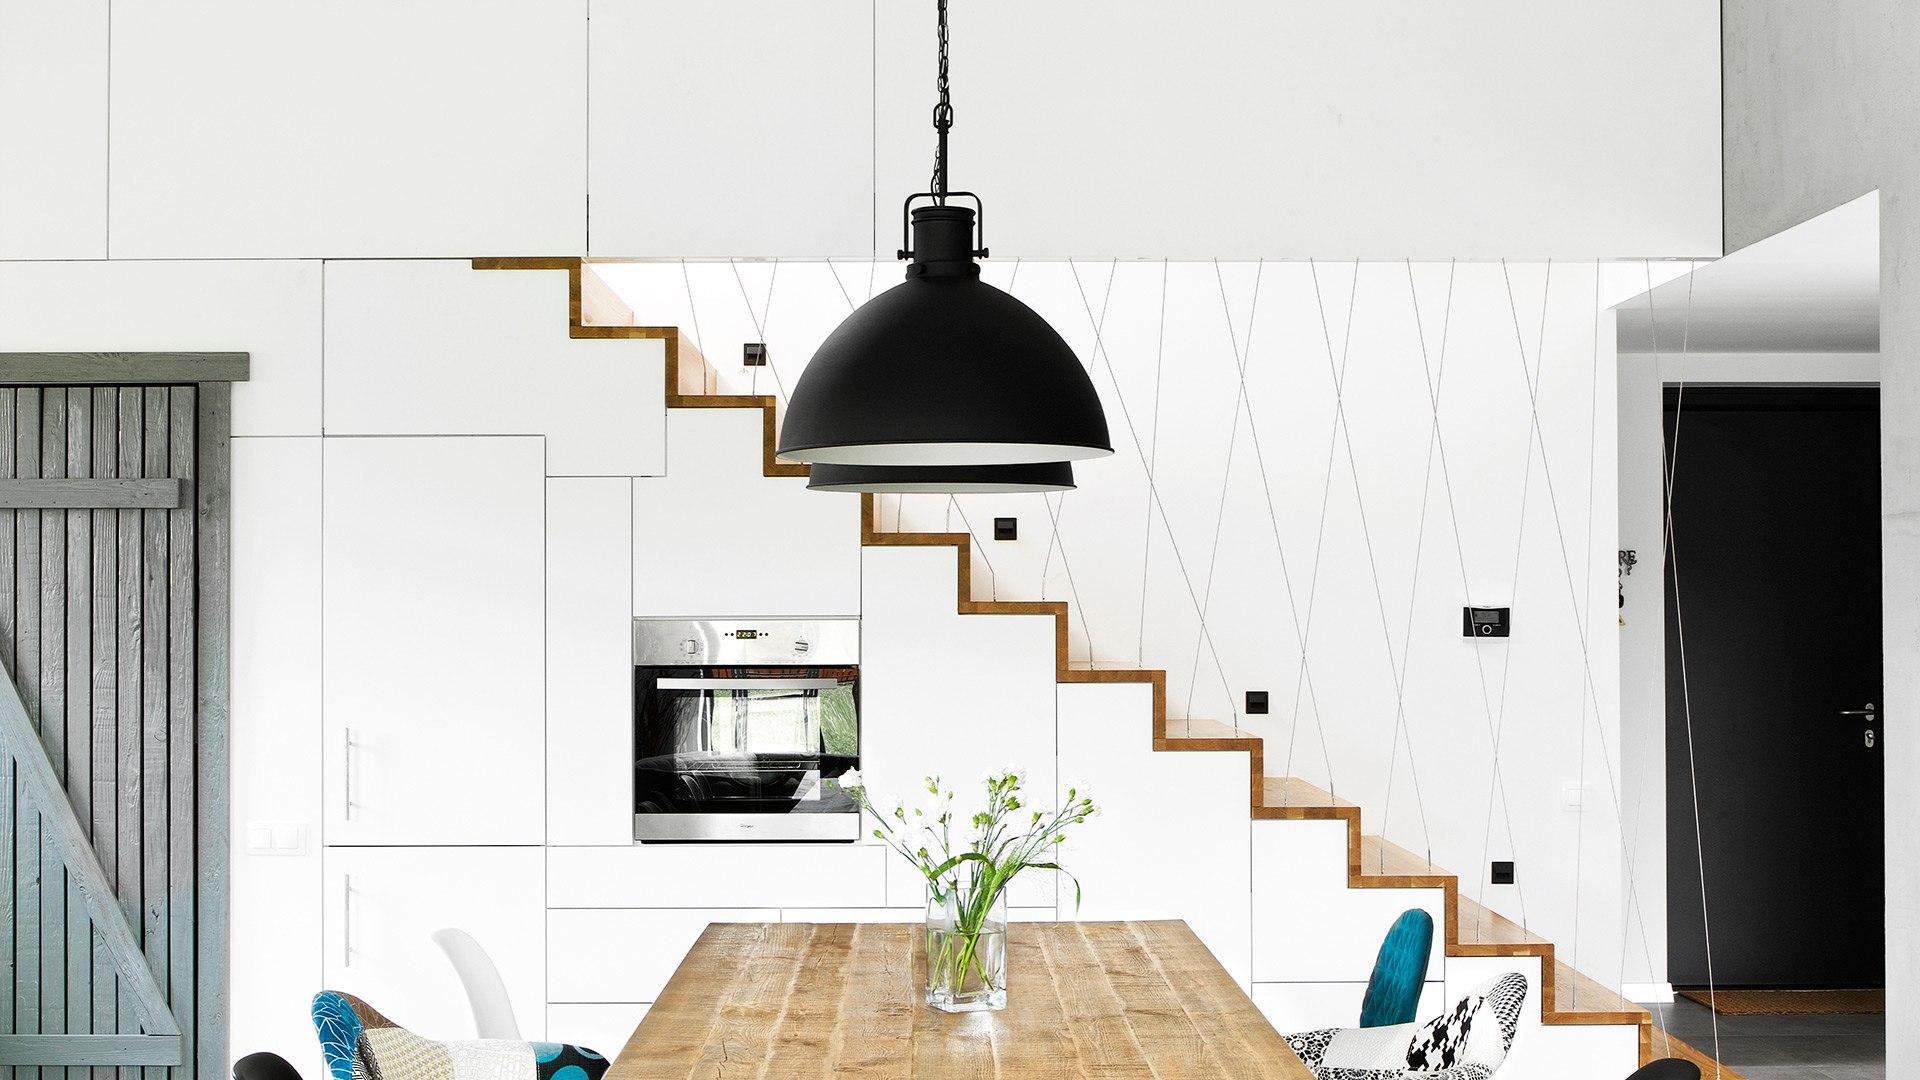 Architecture1A